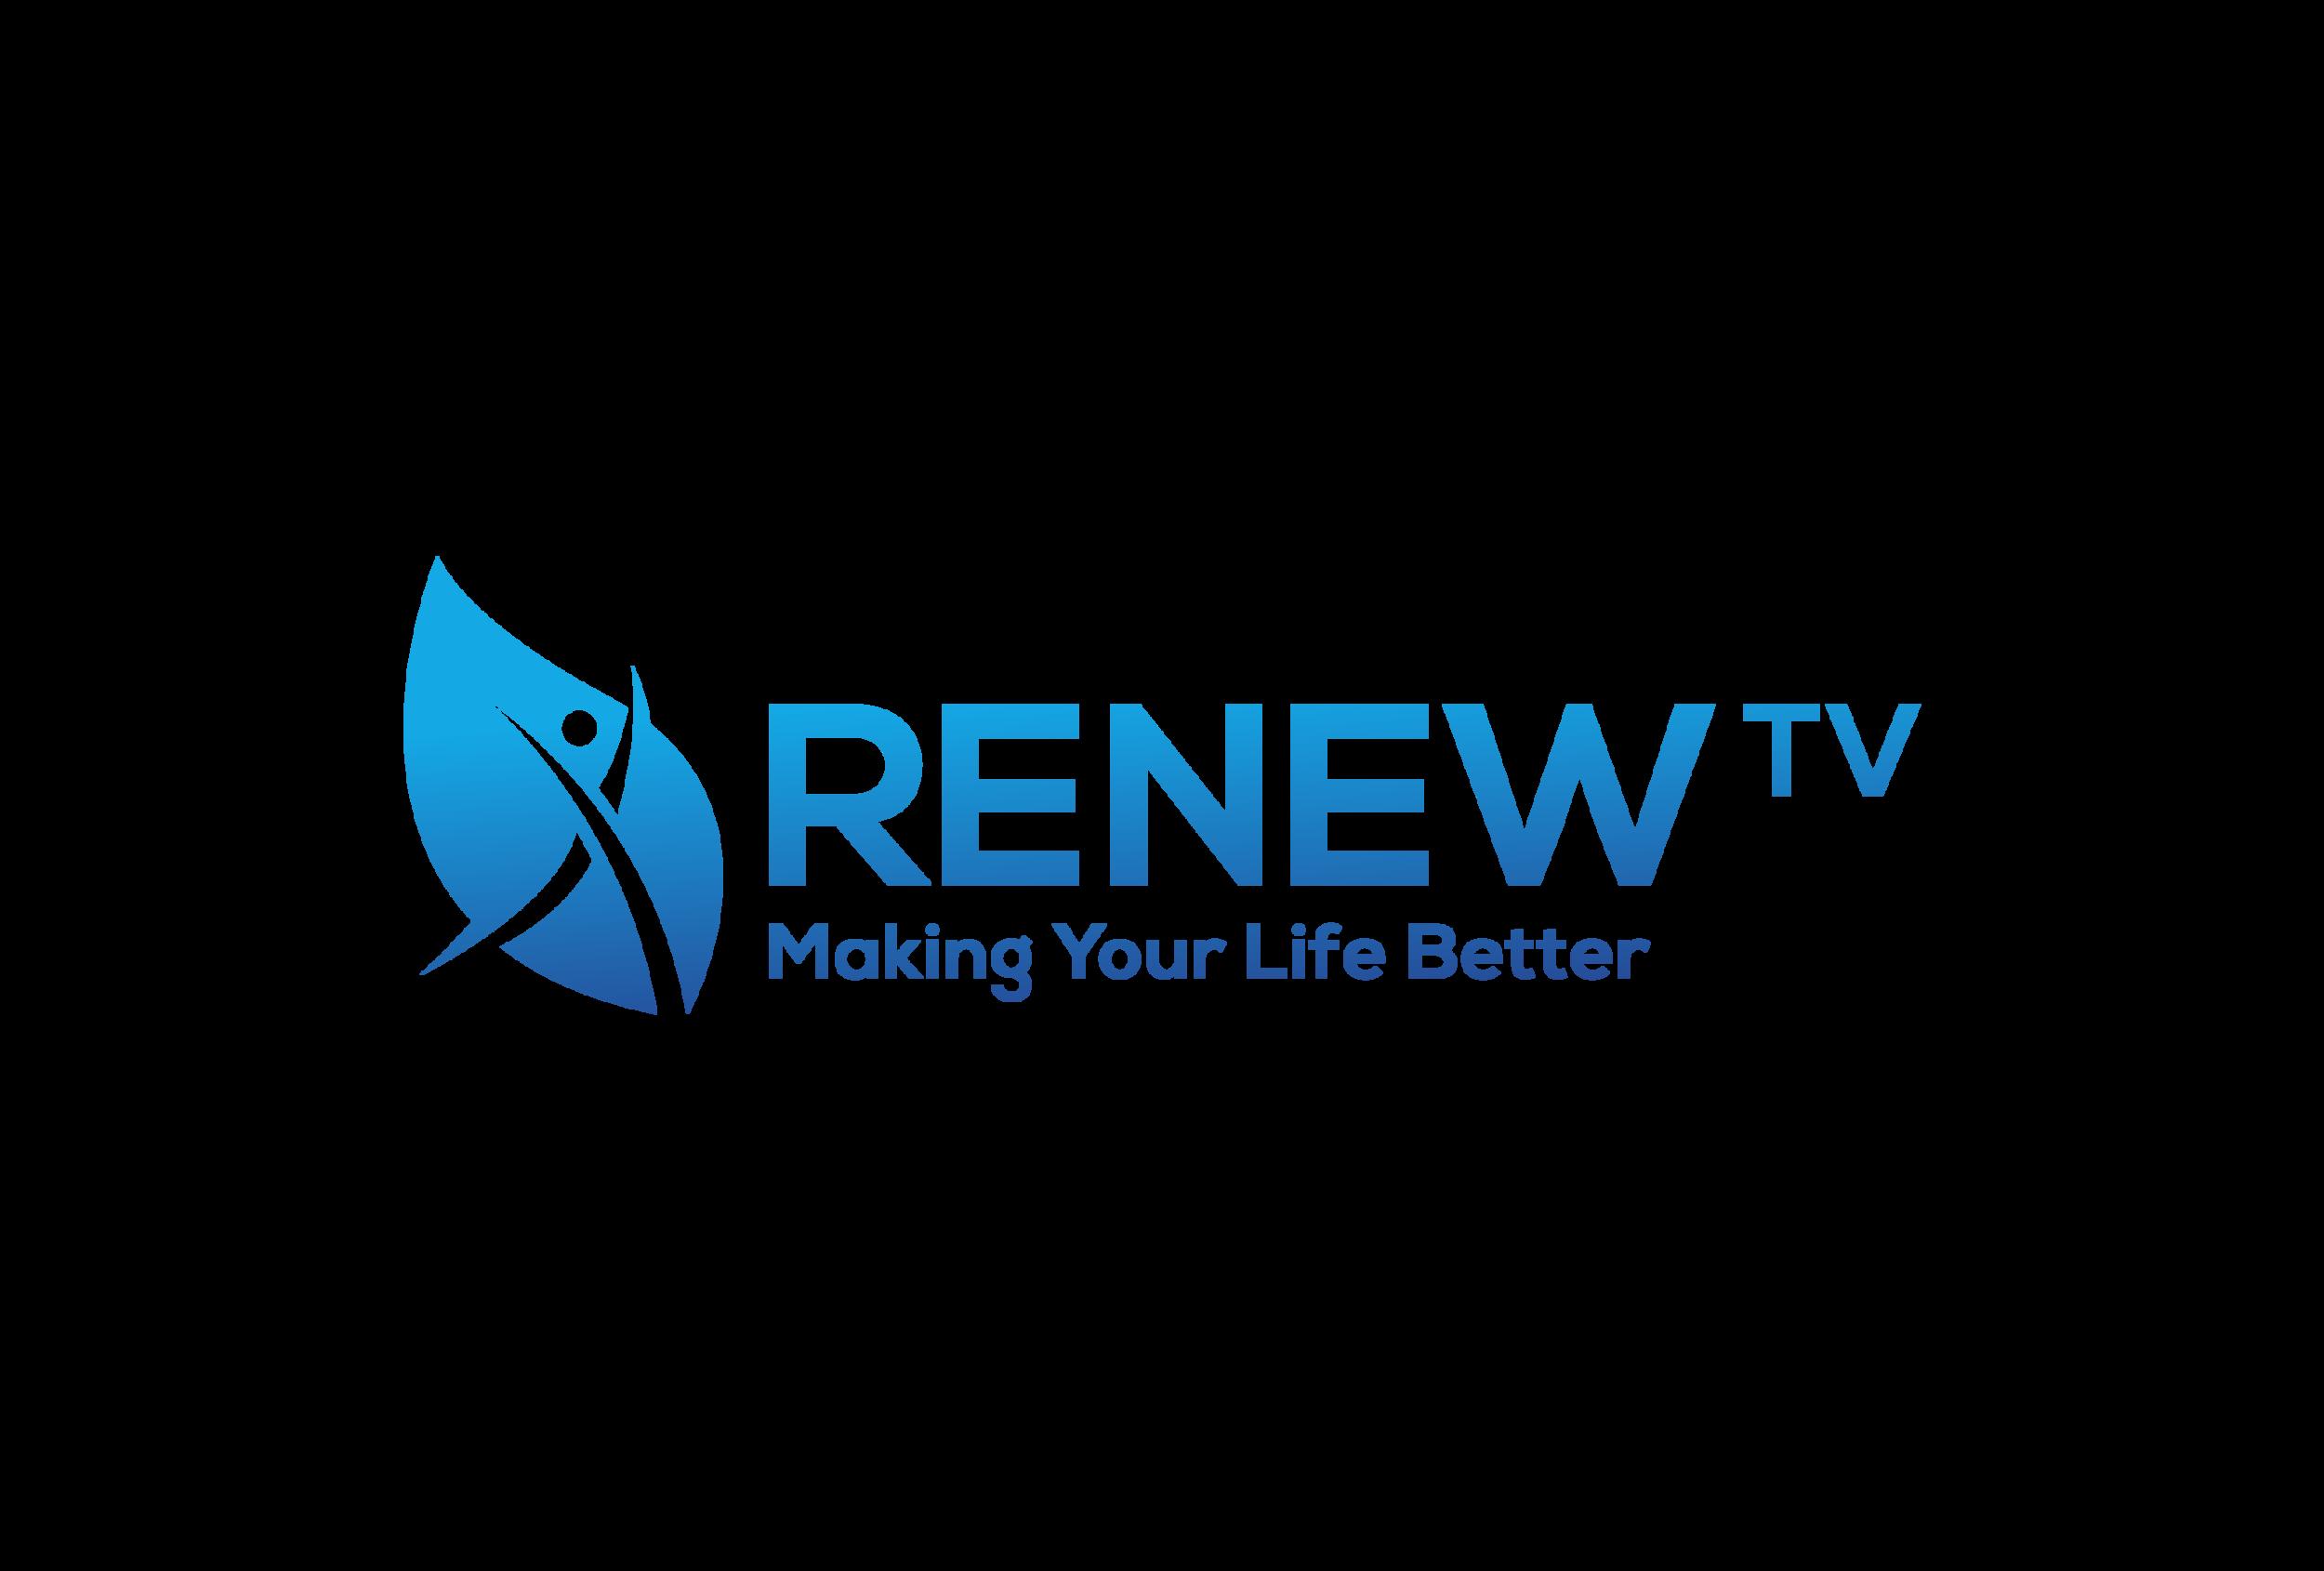 RENEW tv-06.png